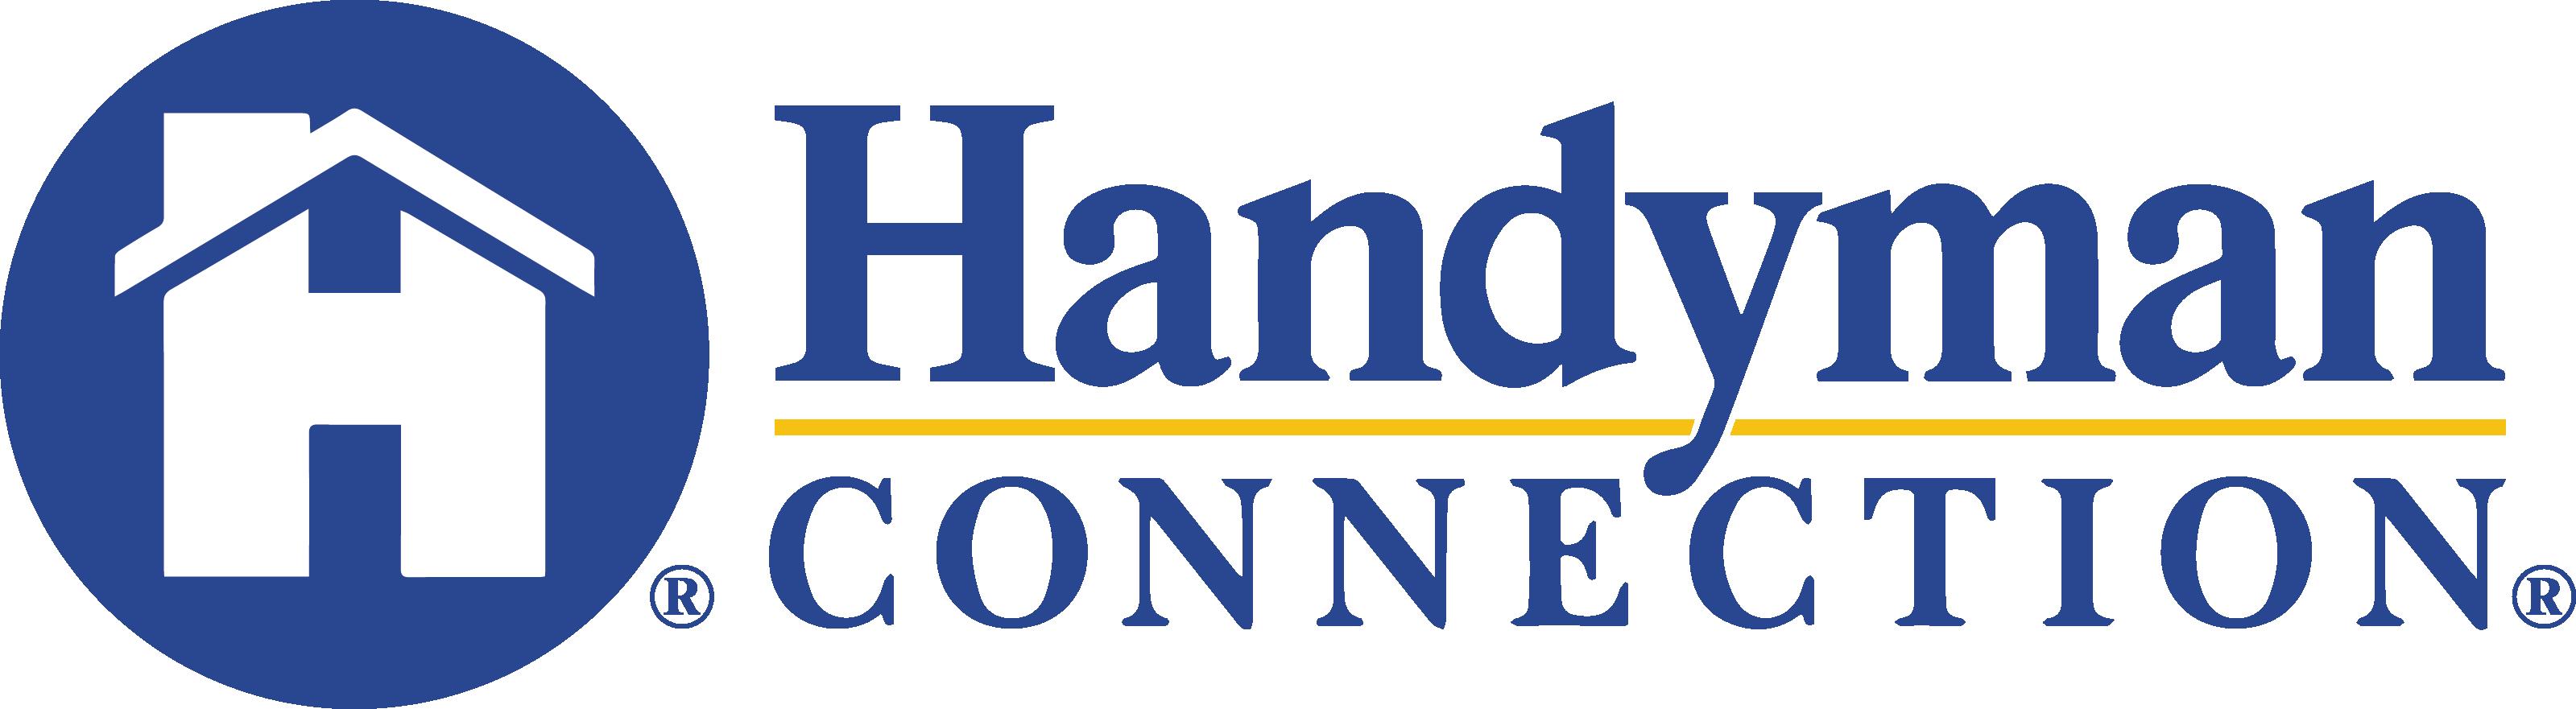 Handyman Connection of Alpharetta, GA